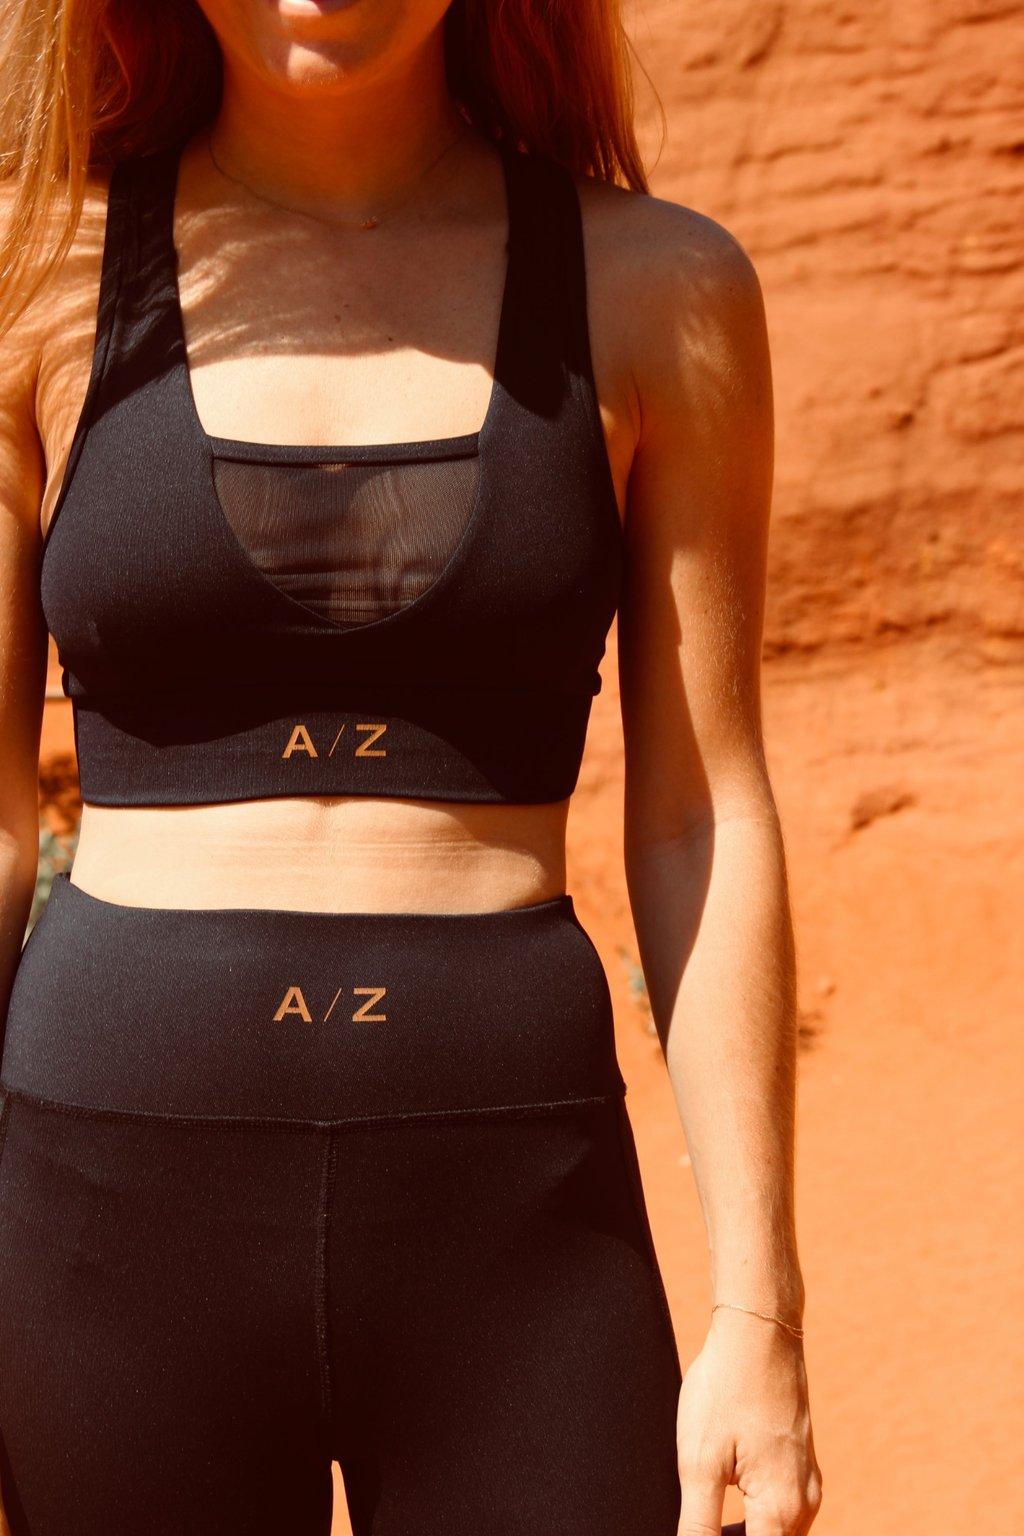 Corps femme de la poitrine au cuisse. Elle porte une tenue de sport